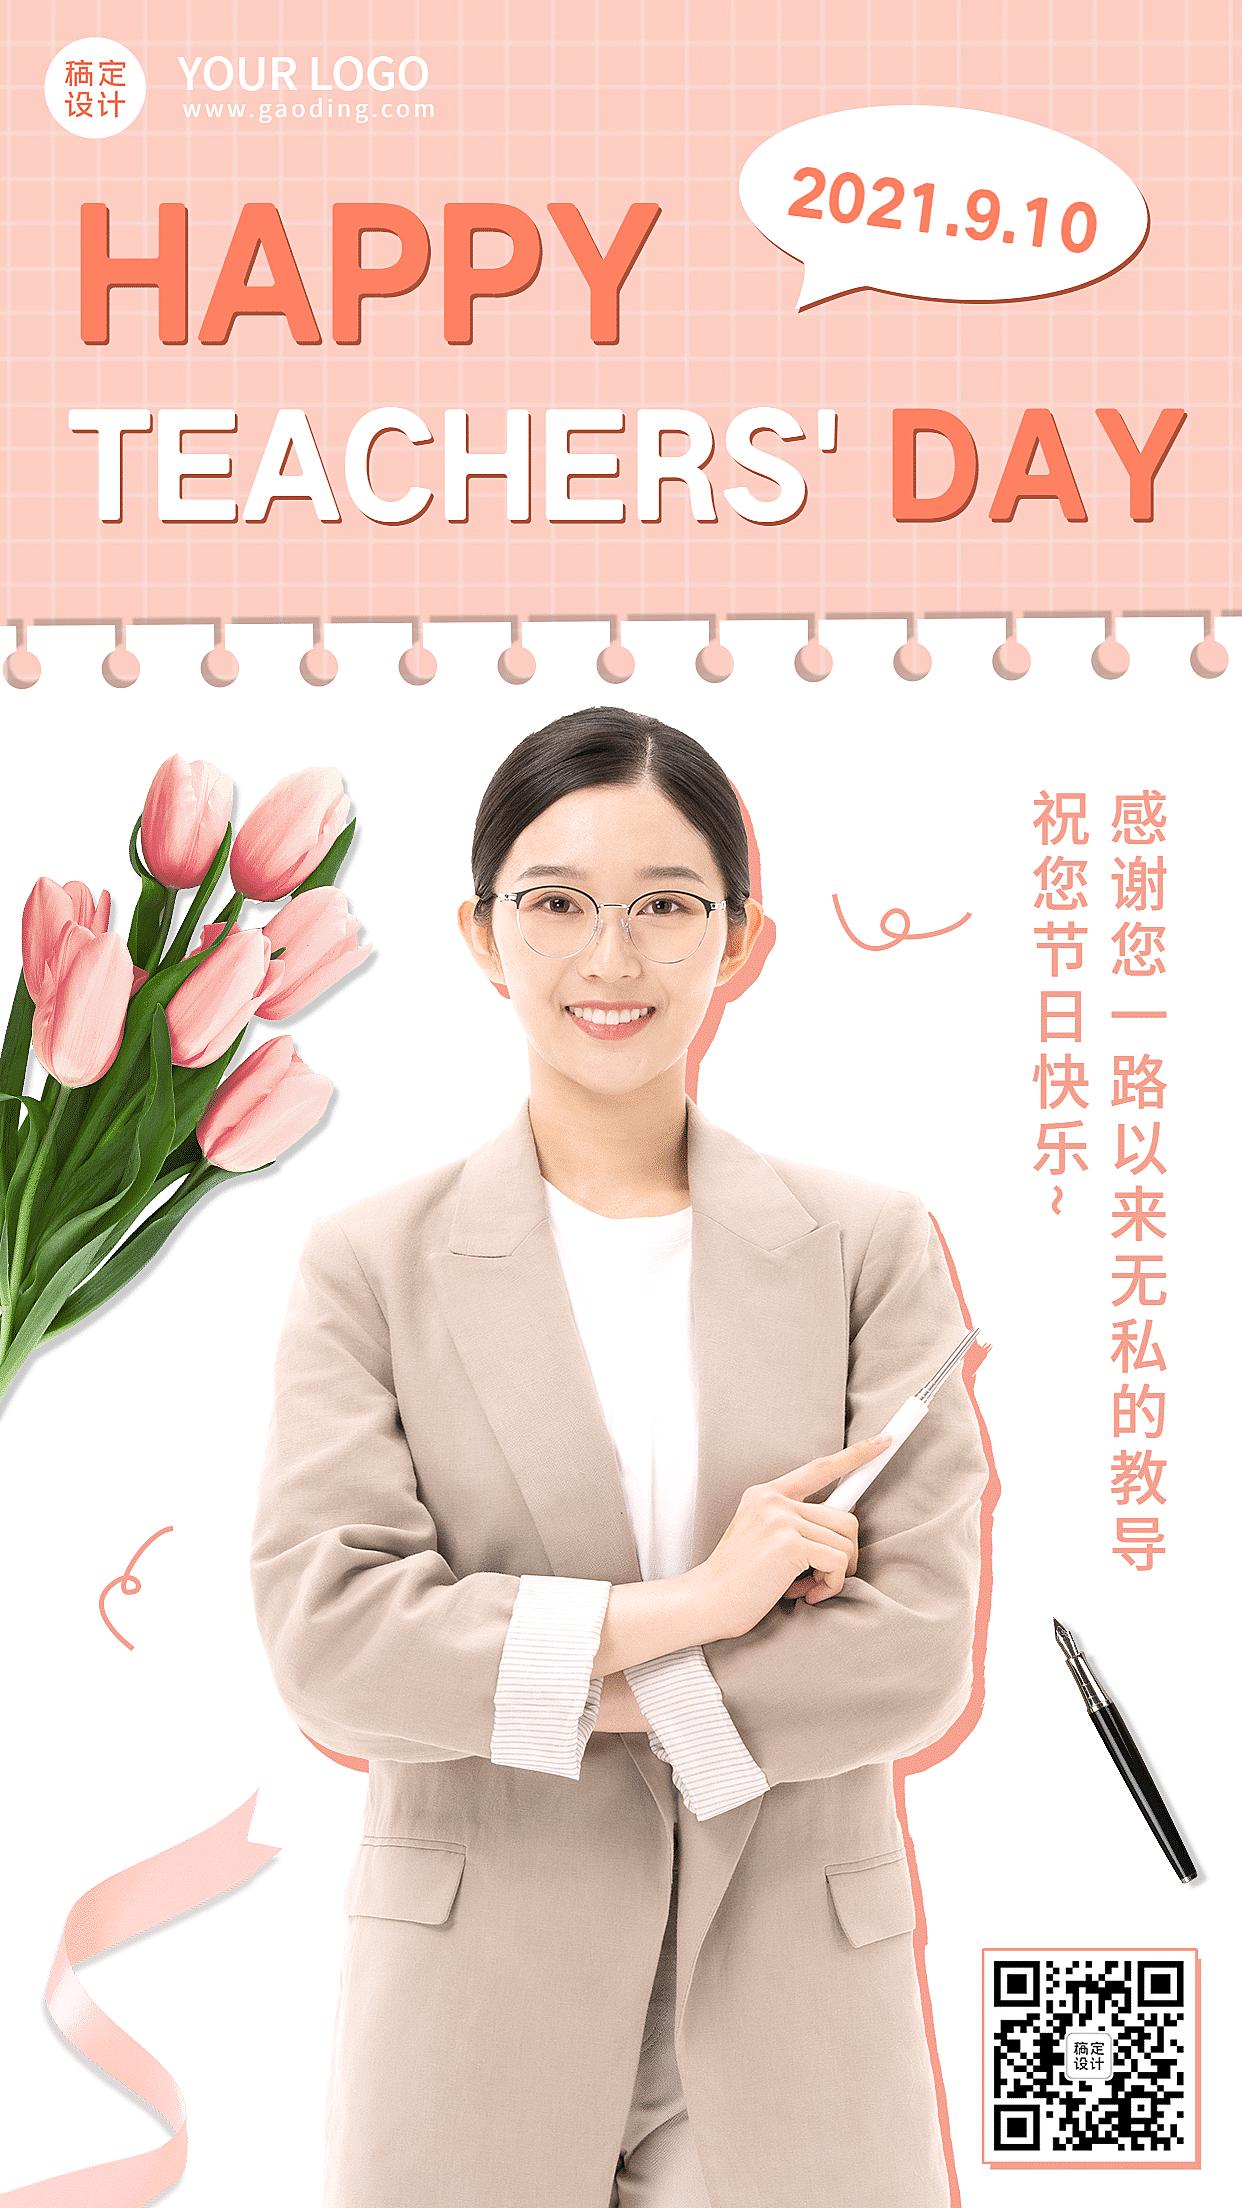 教师节祝福老师节日贺卡手机海报